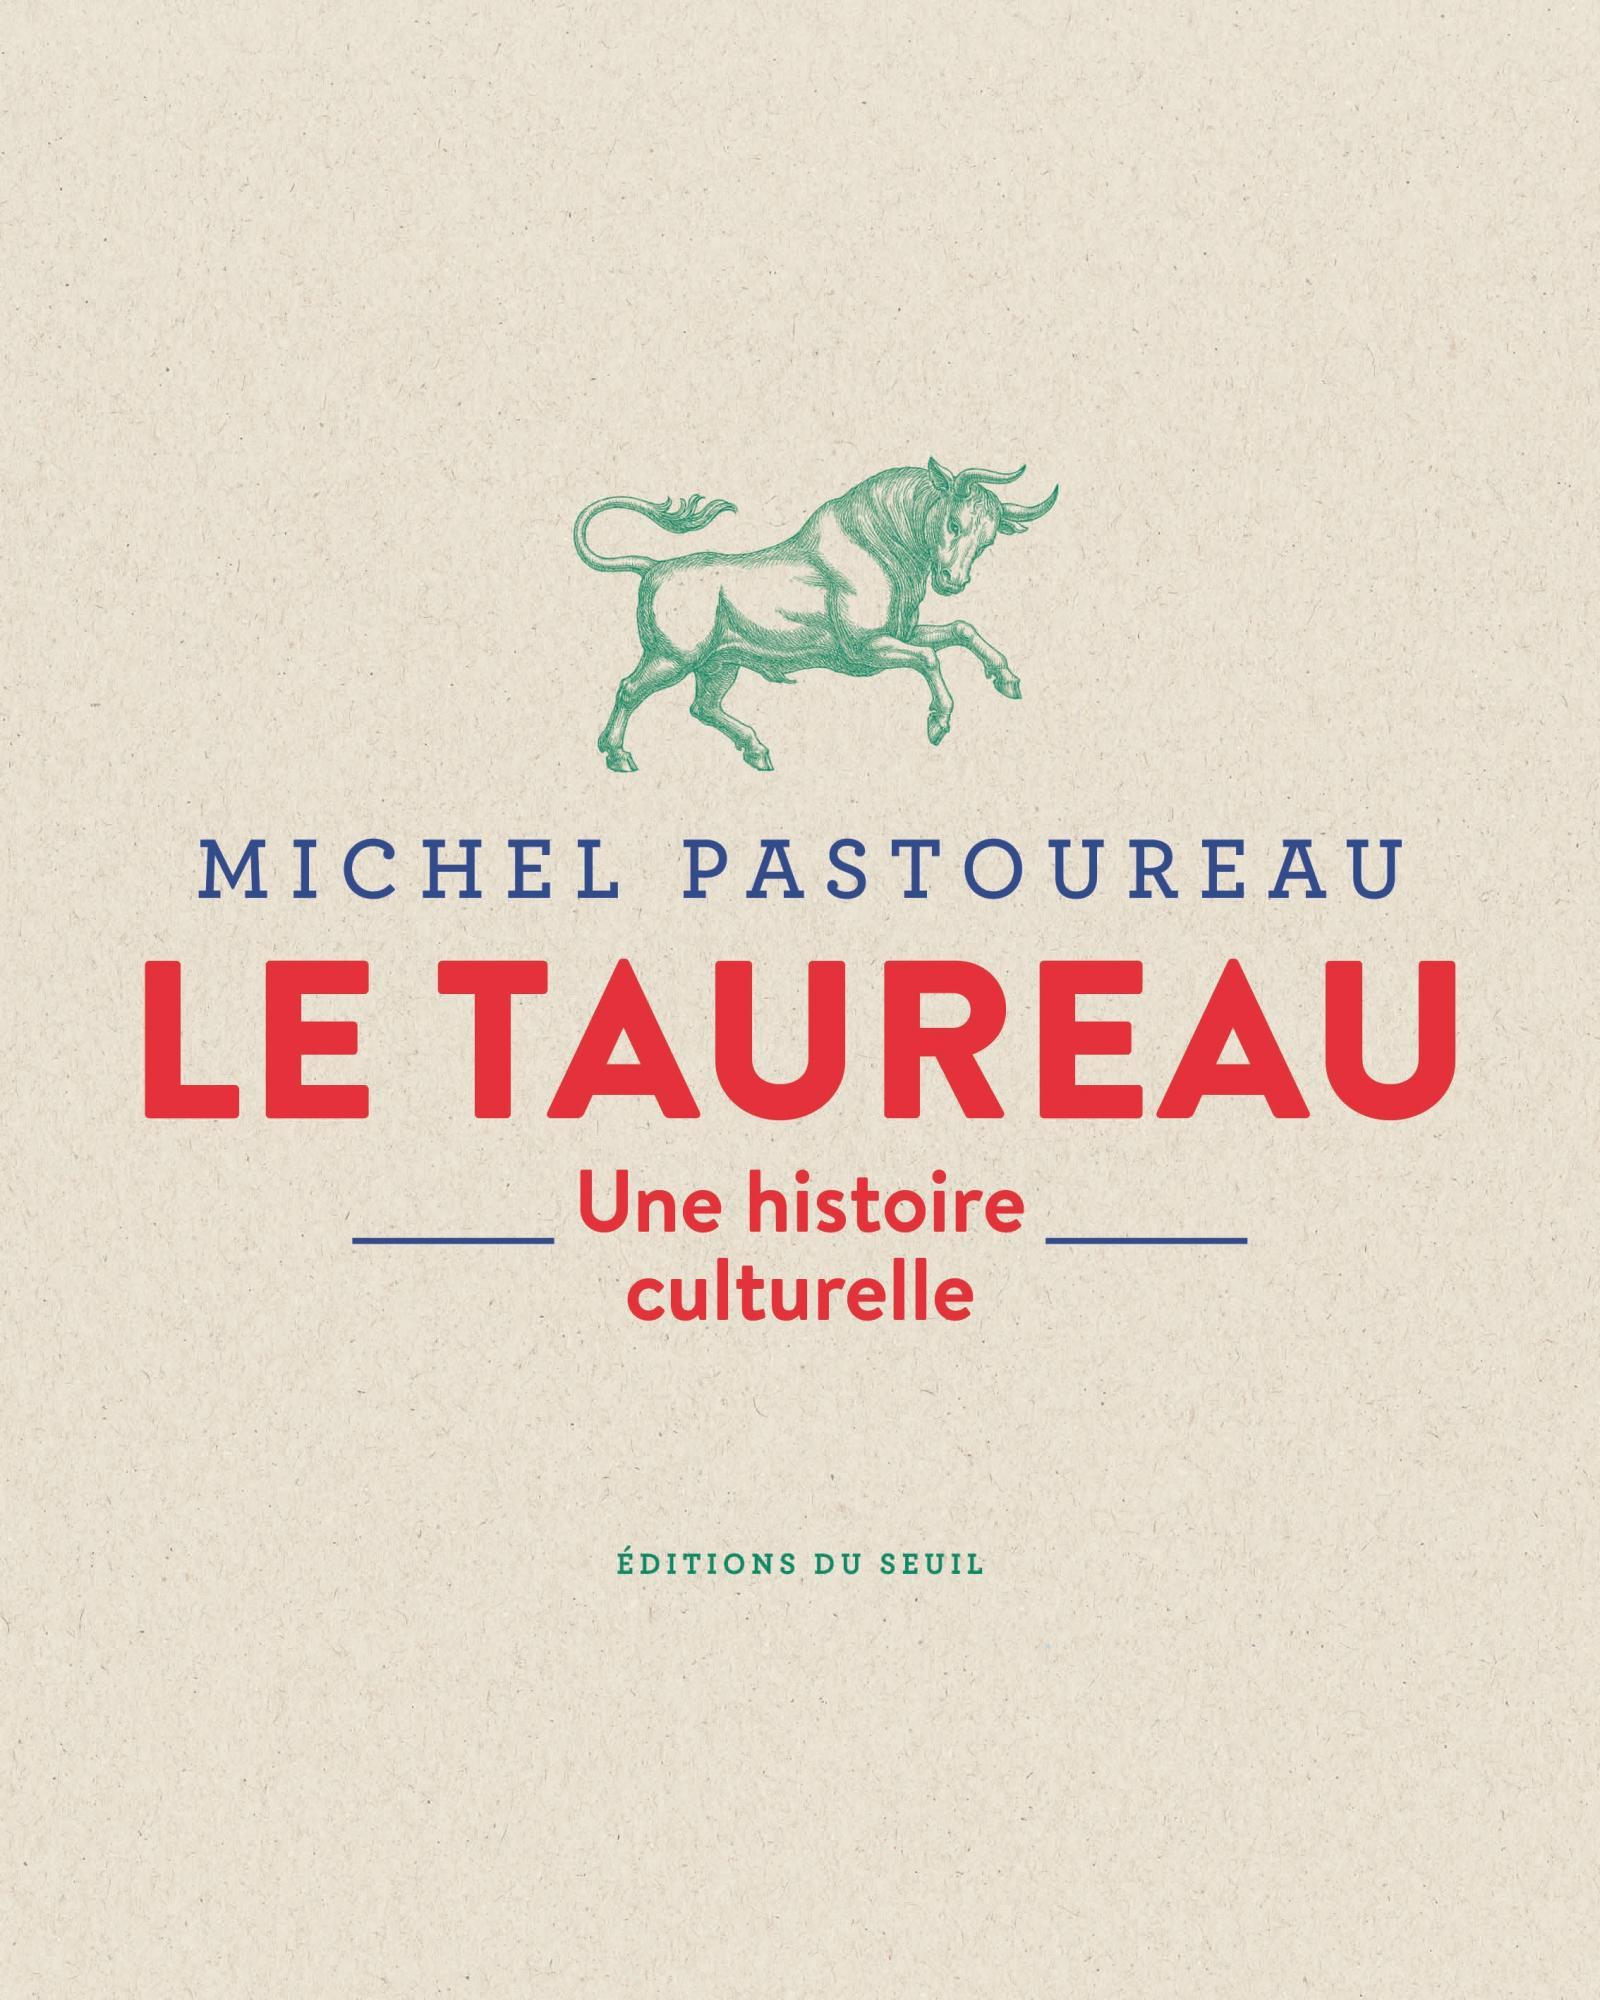 M. Pastoureau, Le taureau. Une histoire culturelle